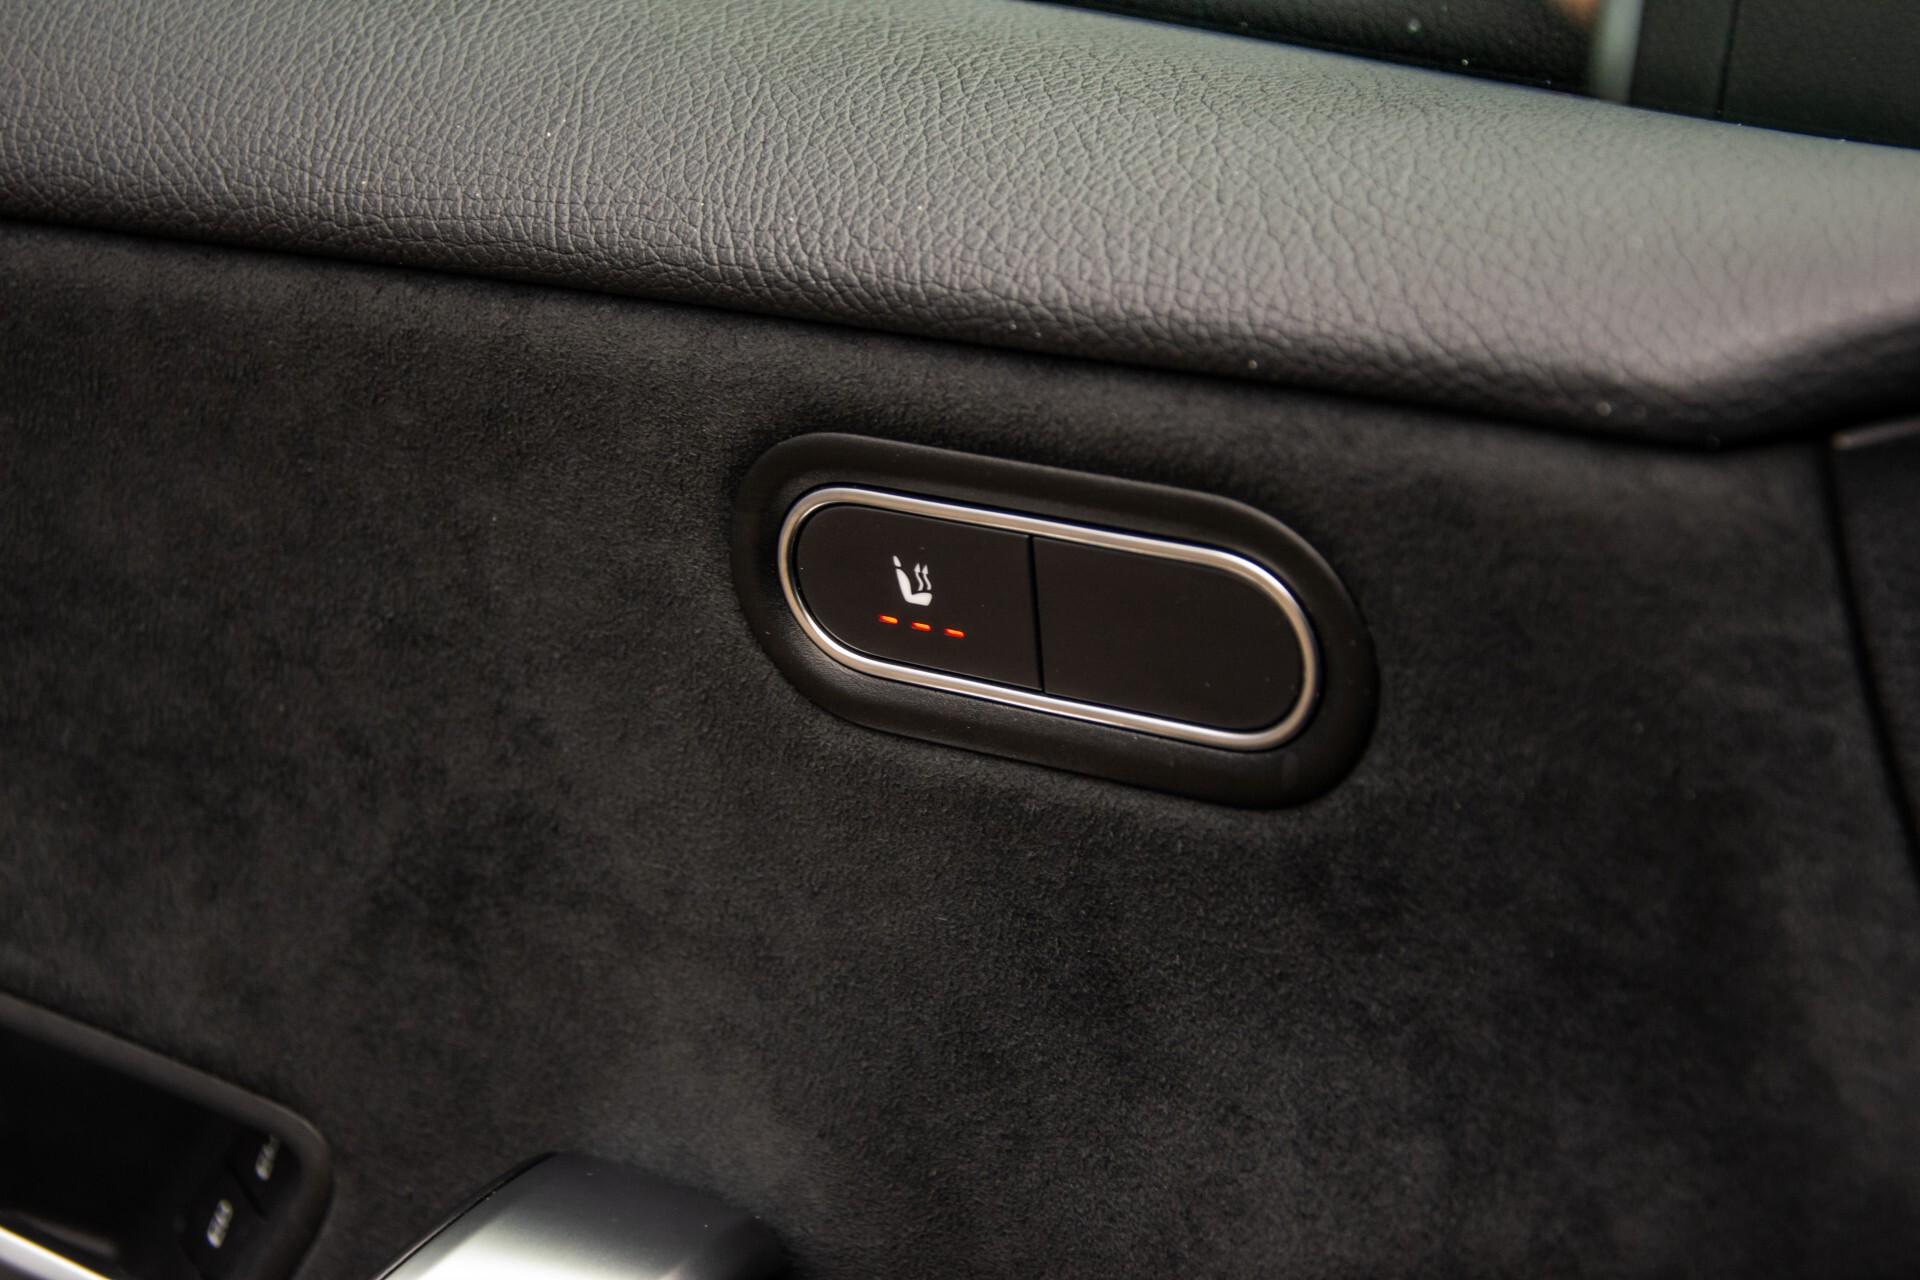 Mercedes-Benz A-Klasse 180 d AMG Panorama/MBUX/DAB/LED Aut7 Foto 31